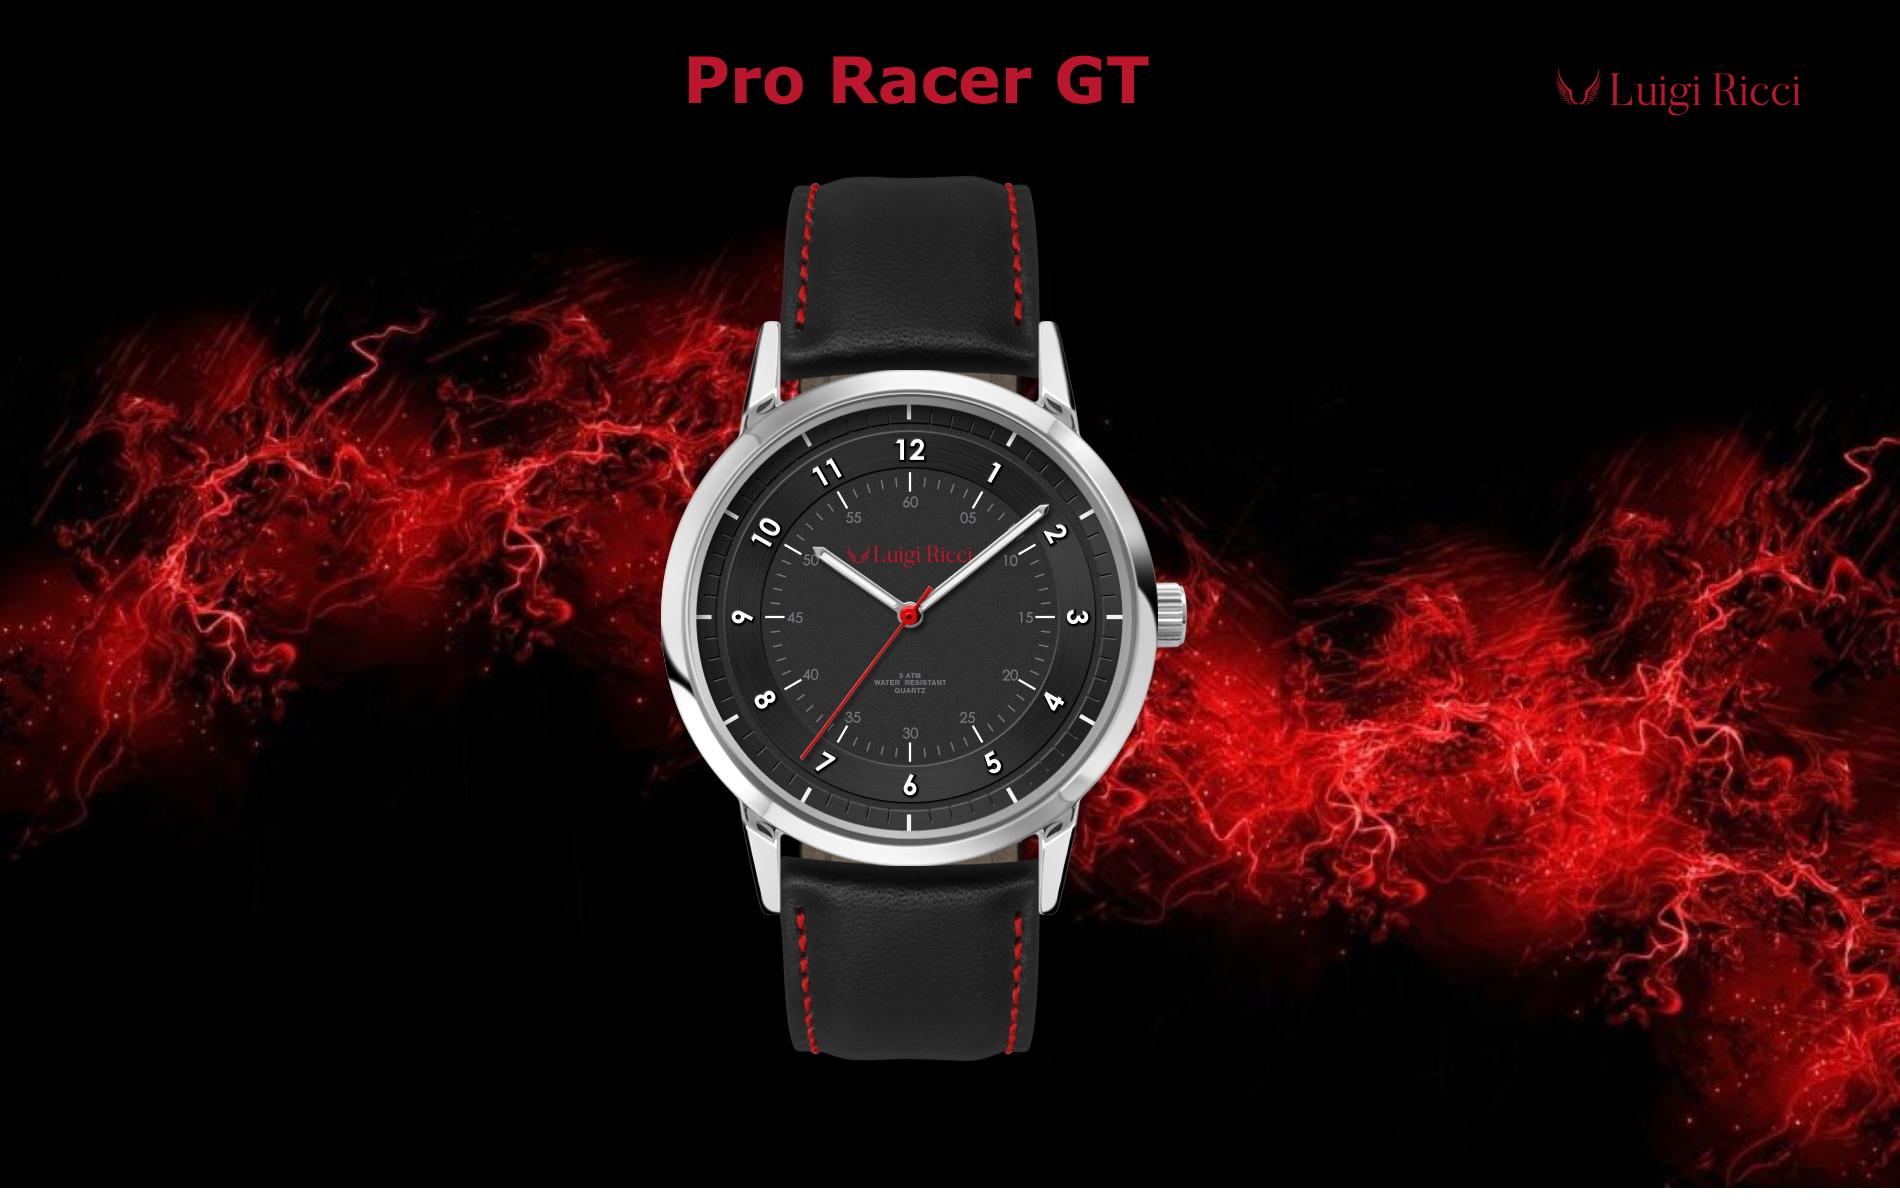 Luigi Ricci Pro Racer GT sort sports ur til mænd med læderrem